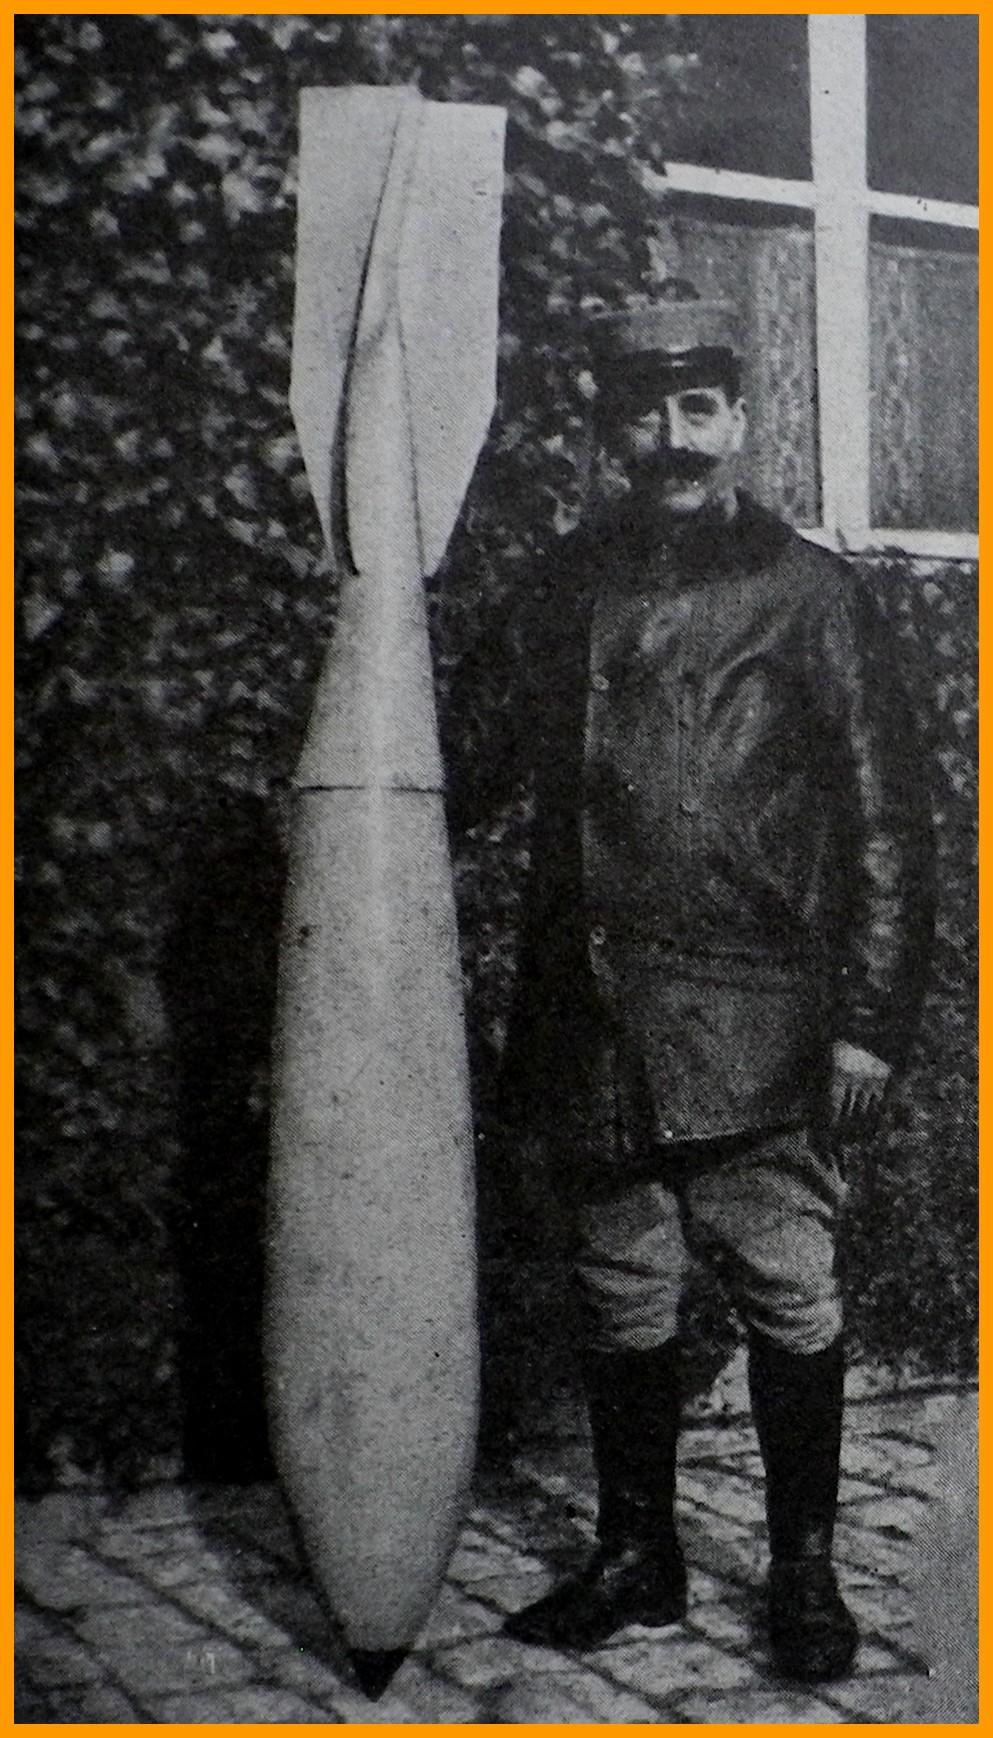 Calais 14 18 torpille allemande lancee sur calais en 1918 retrouvee non eclatee encadre 1